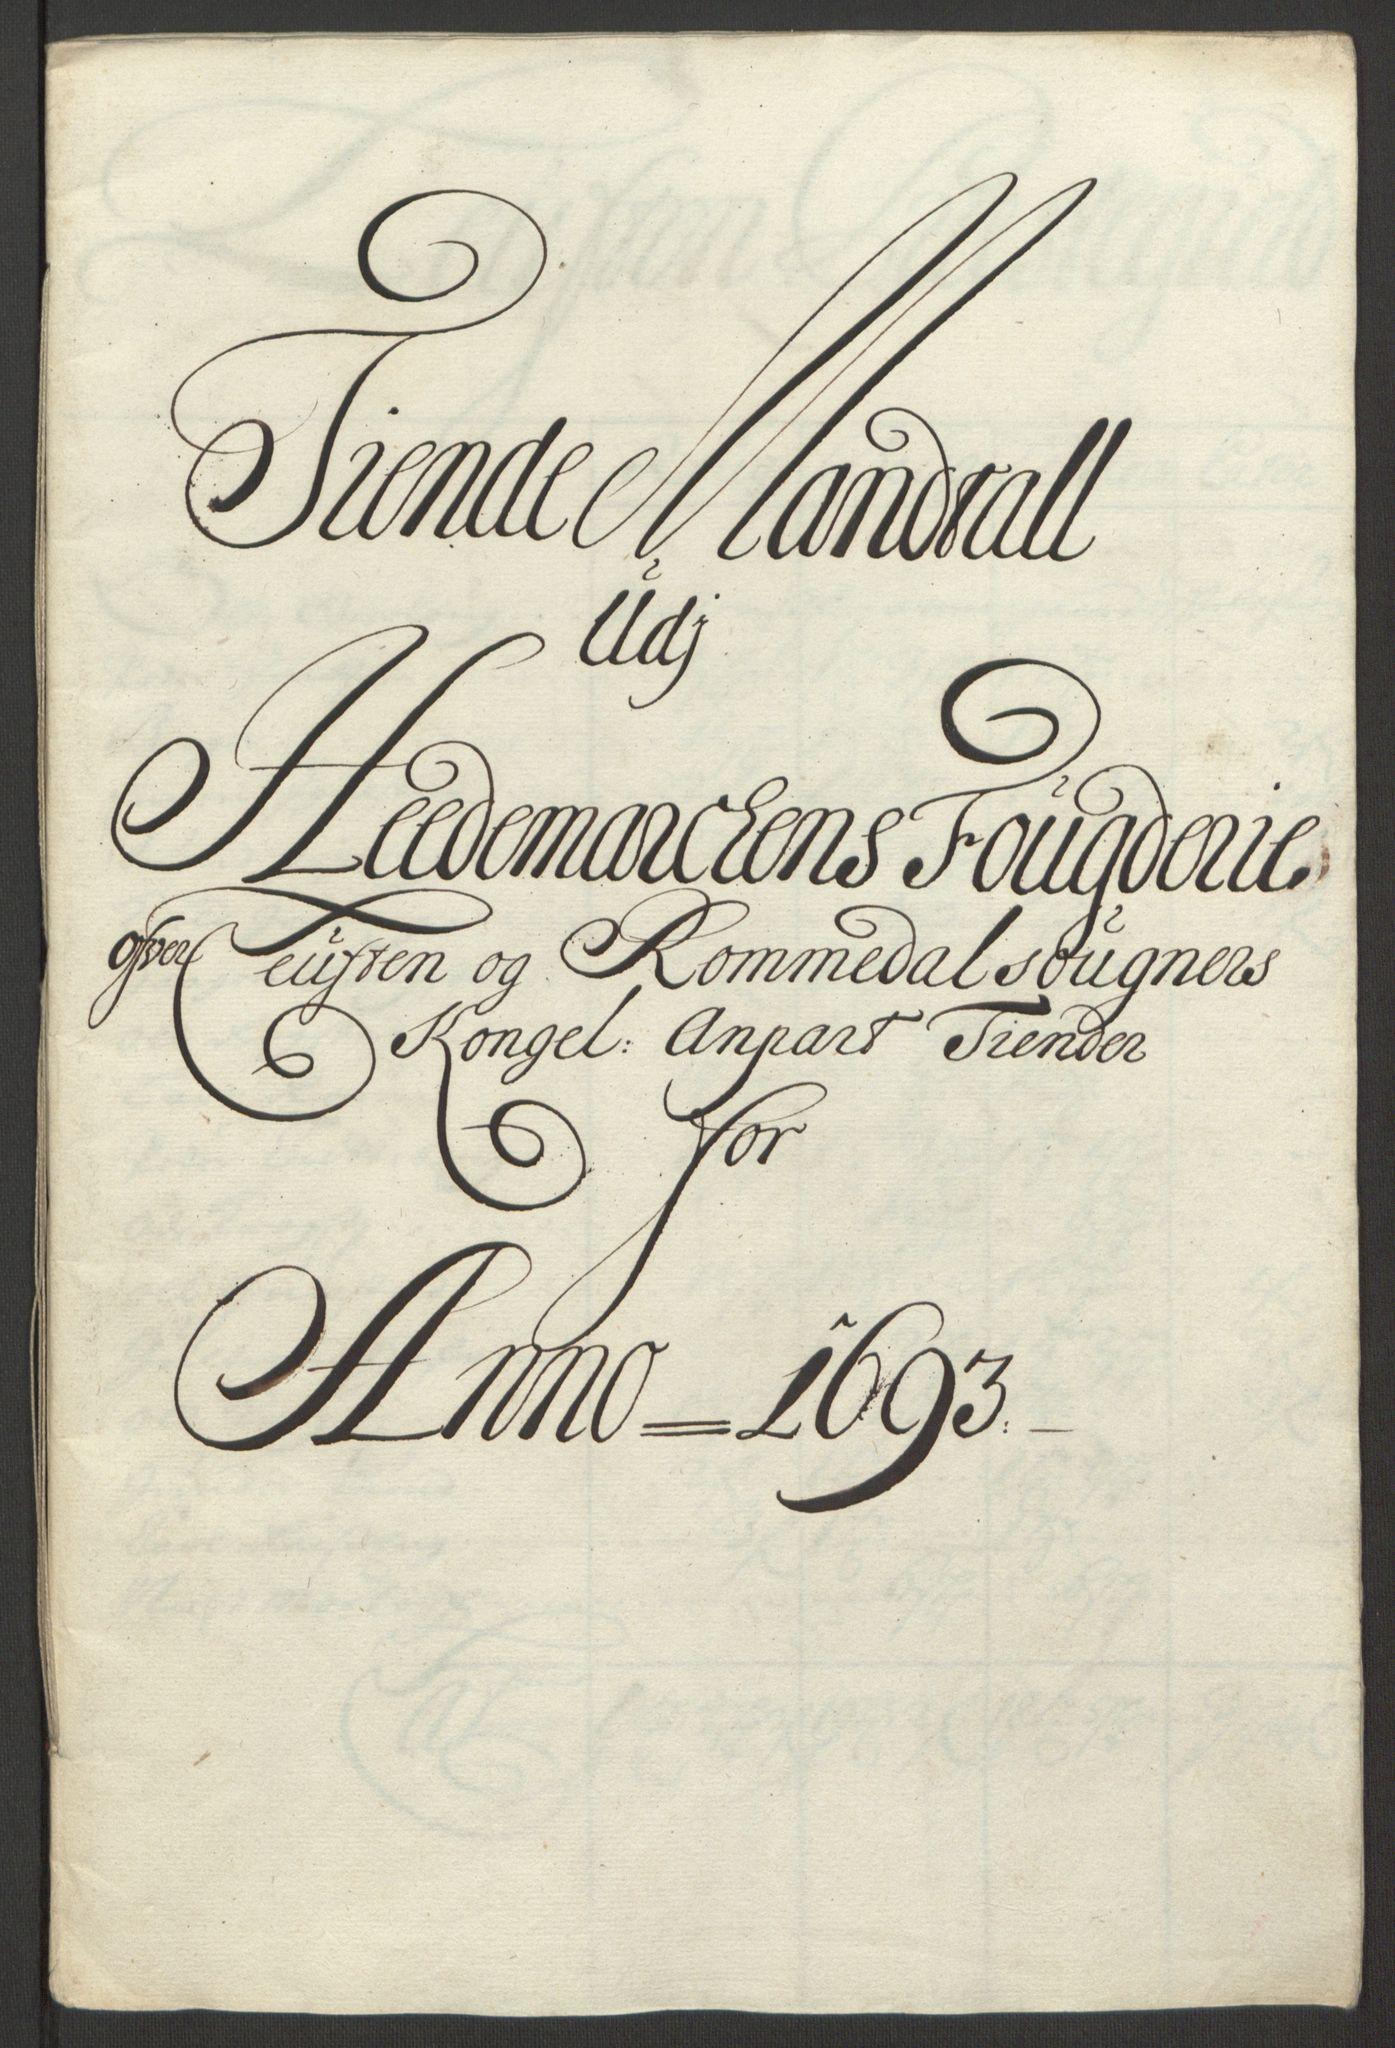 RA, Rentekammeret inntil 1814, Reviderte regnskaper, Fogderegnskap, R16/L1034: Fogderegnskap Hedmark, 1693, s. 47